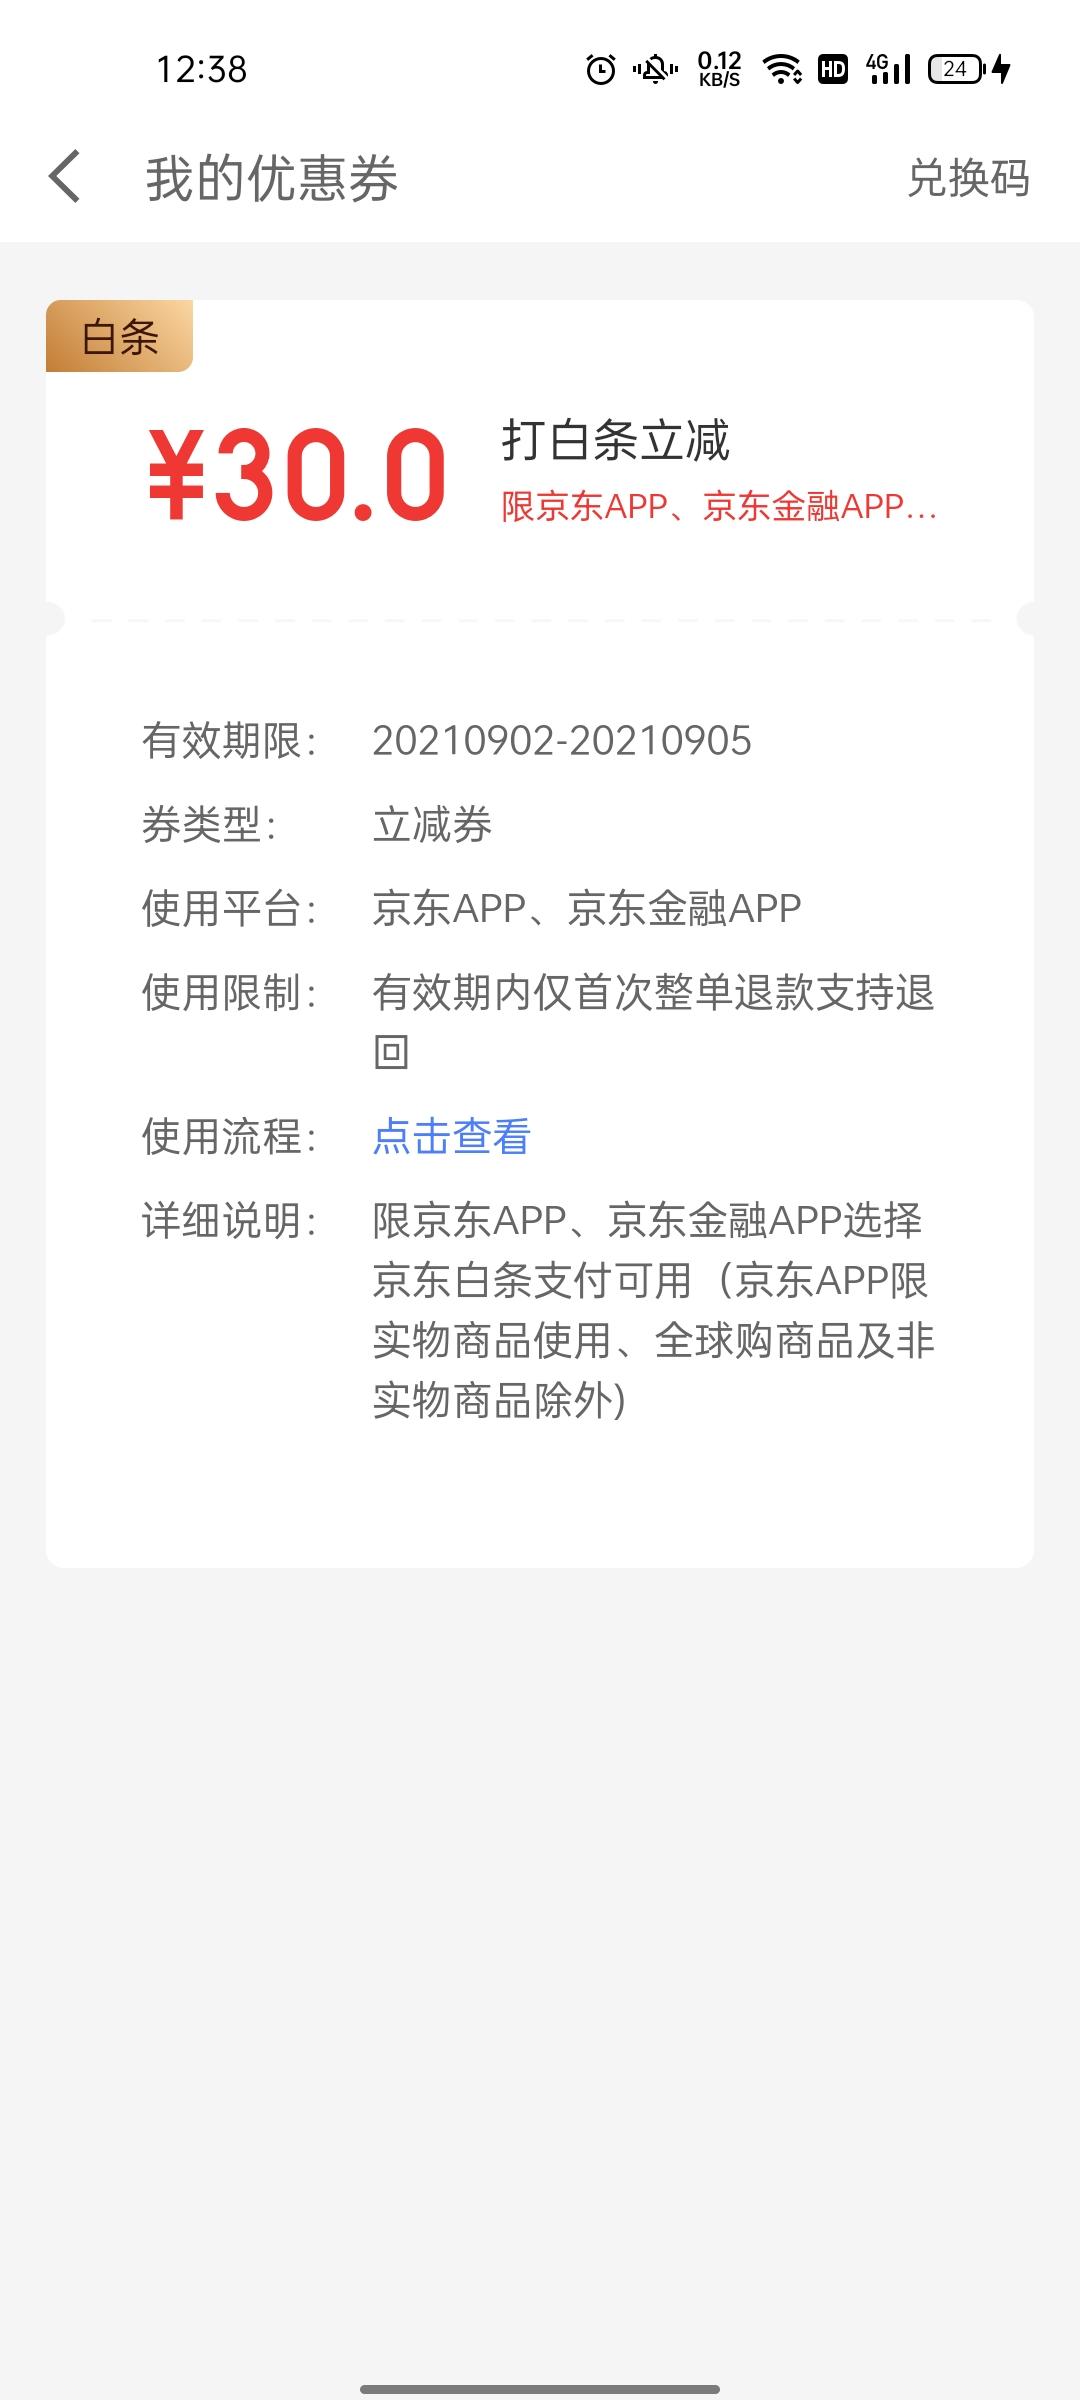 【虚拟物品】京东白条分期送30元白条券插图1